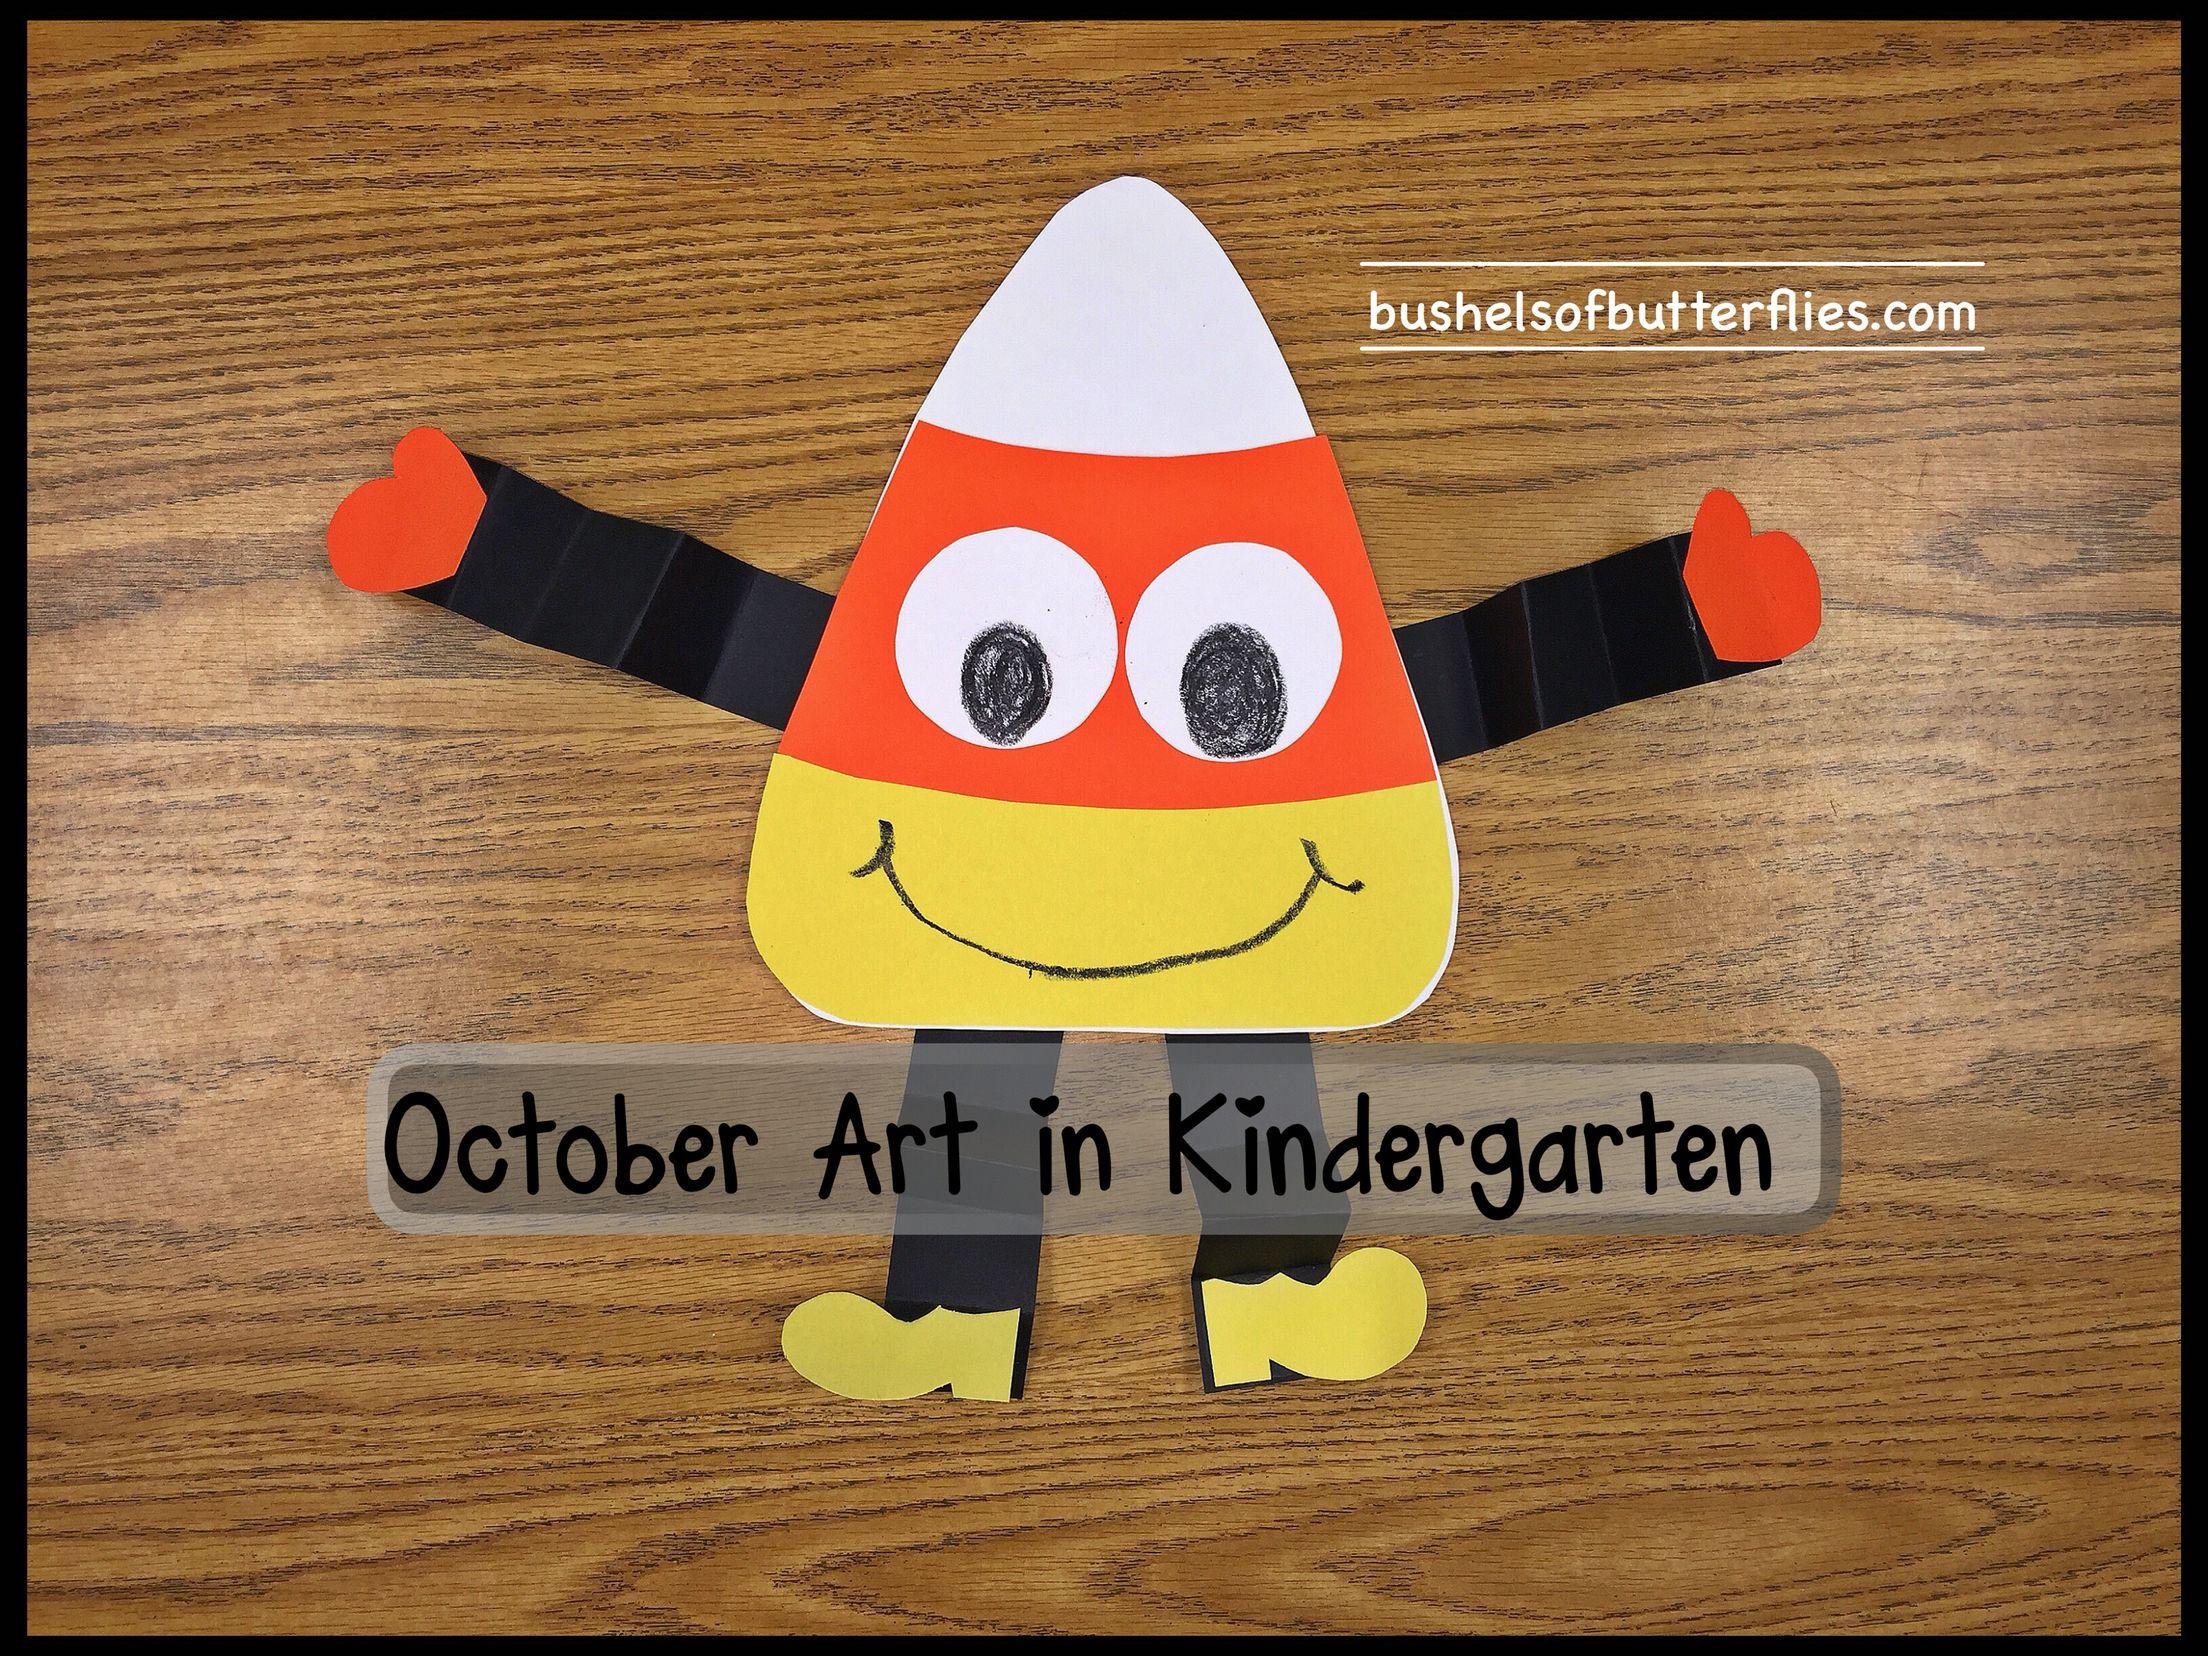 october art halloween projects kindergarten fun